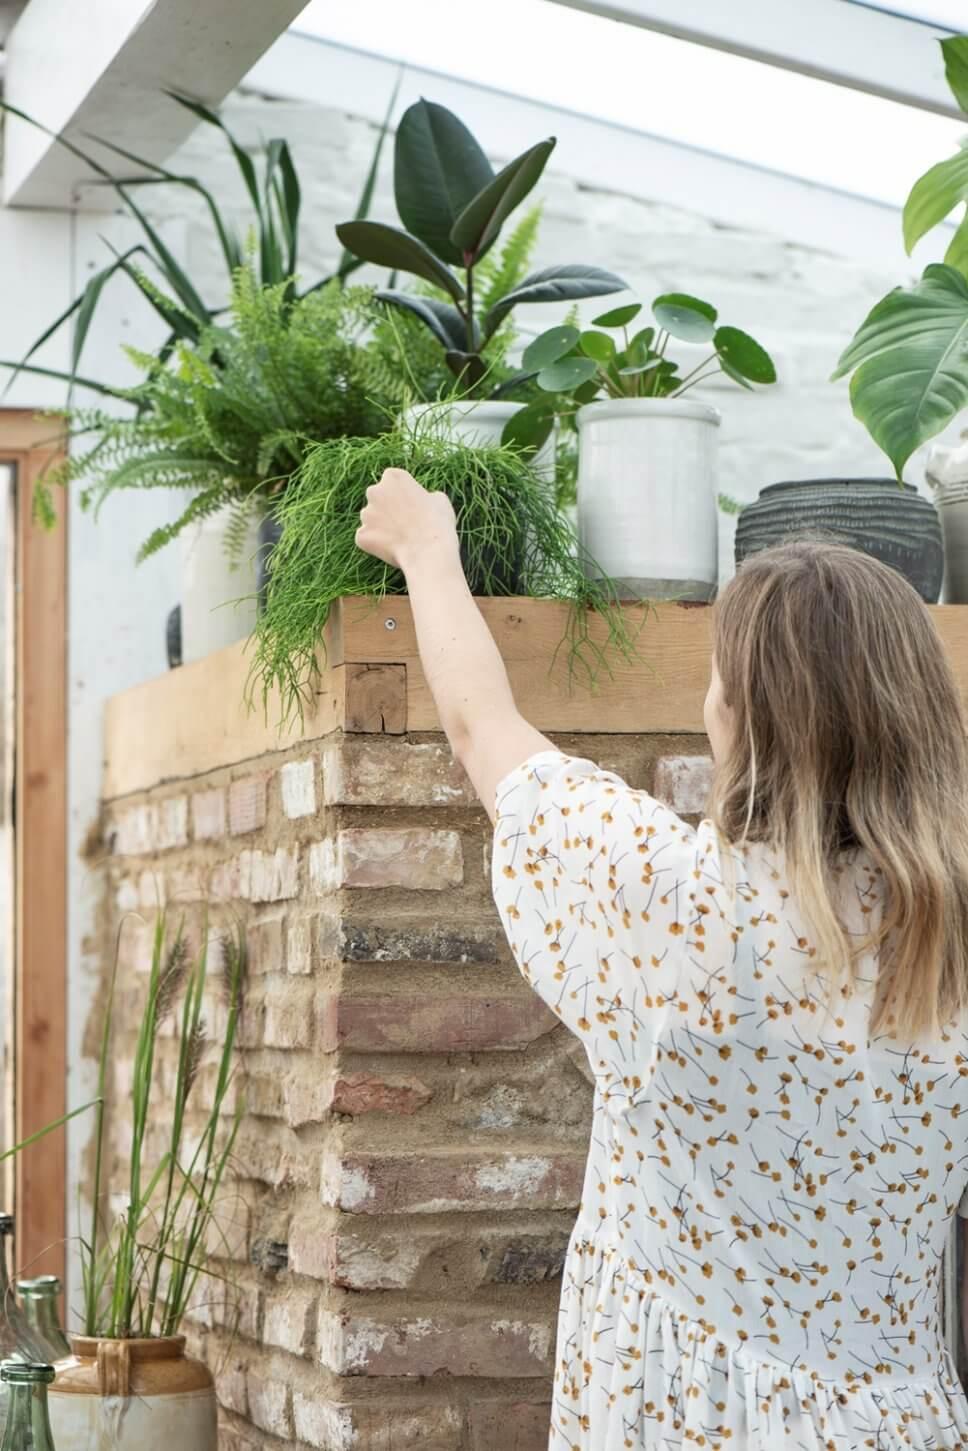 Frau arrangiert Zimmerpflanzen auf einer Mauer im Gewächshaus